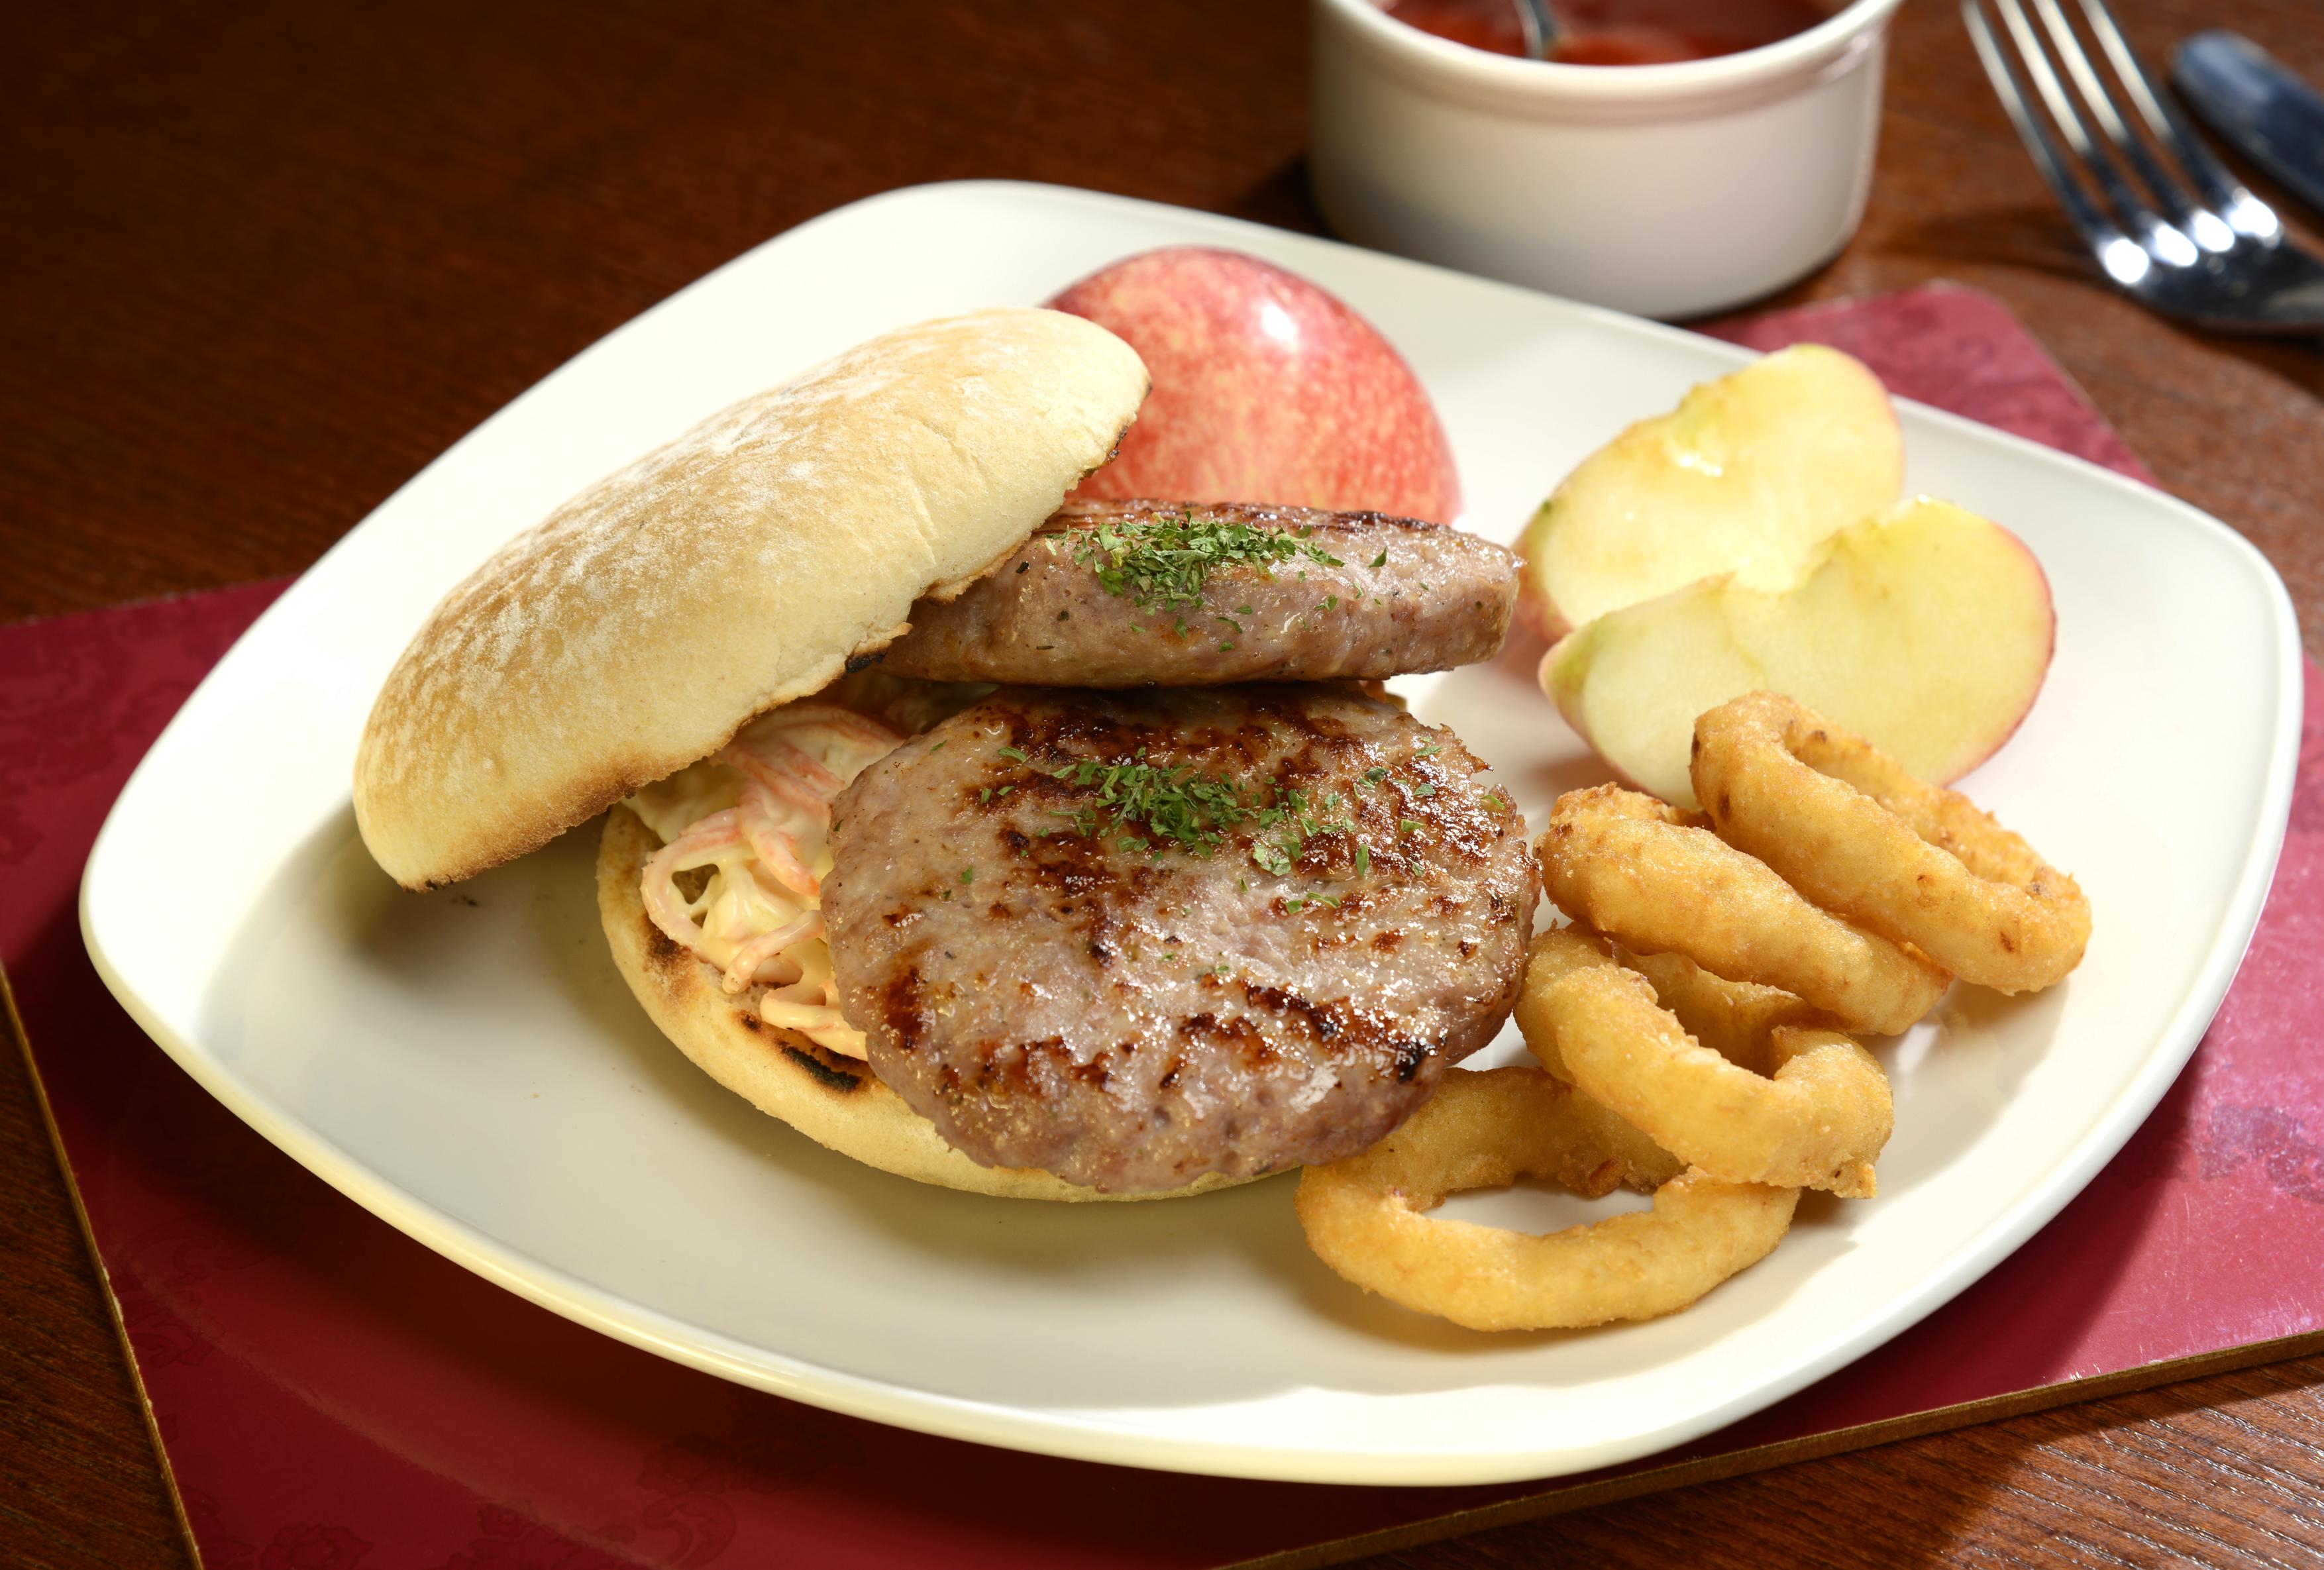 Burgers & Patties